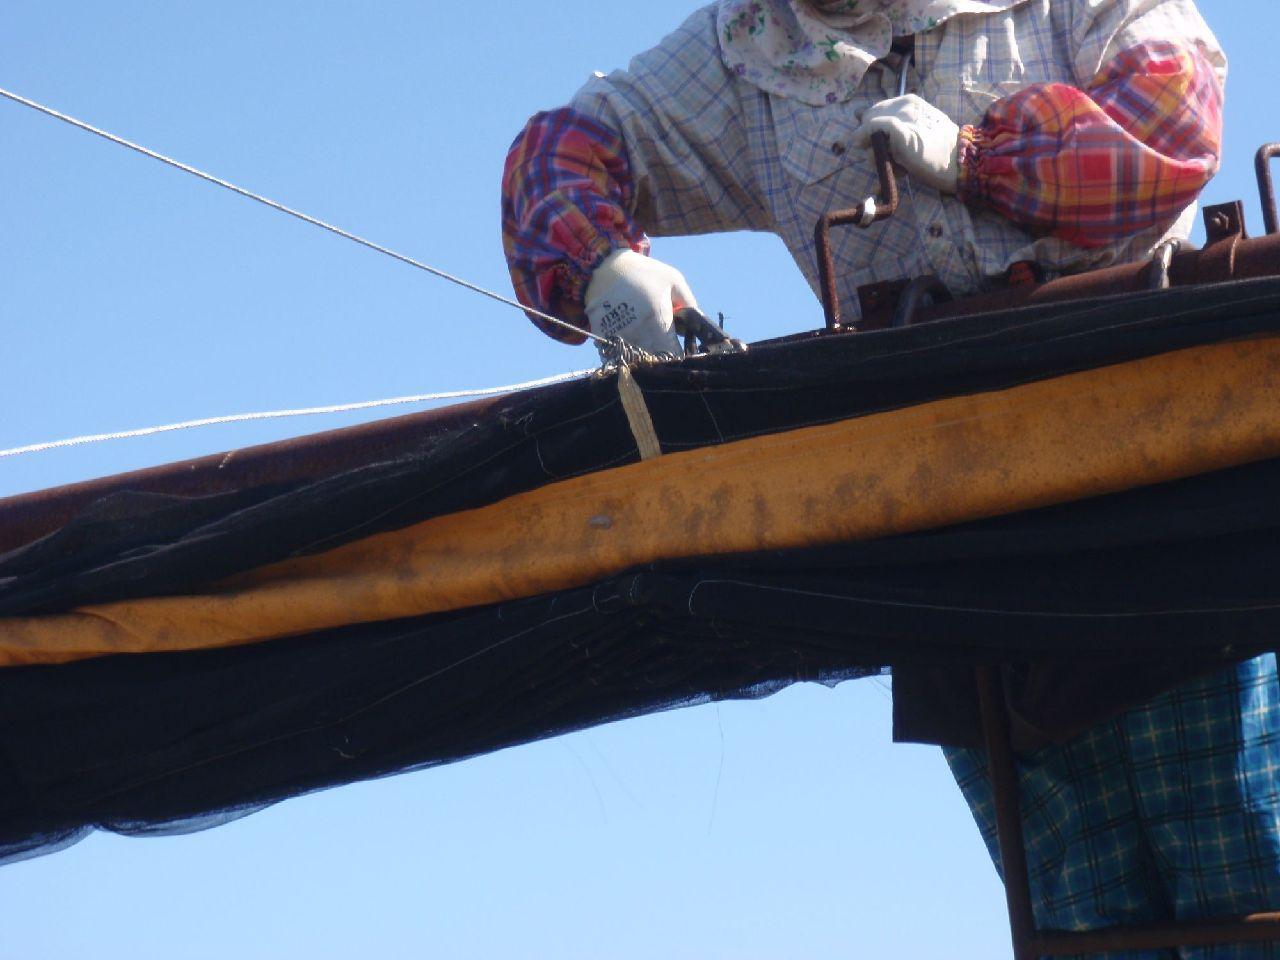 滑車を回してワイヤーを固定。余分なワイヤーを切る。